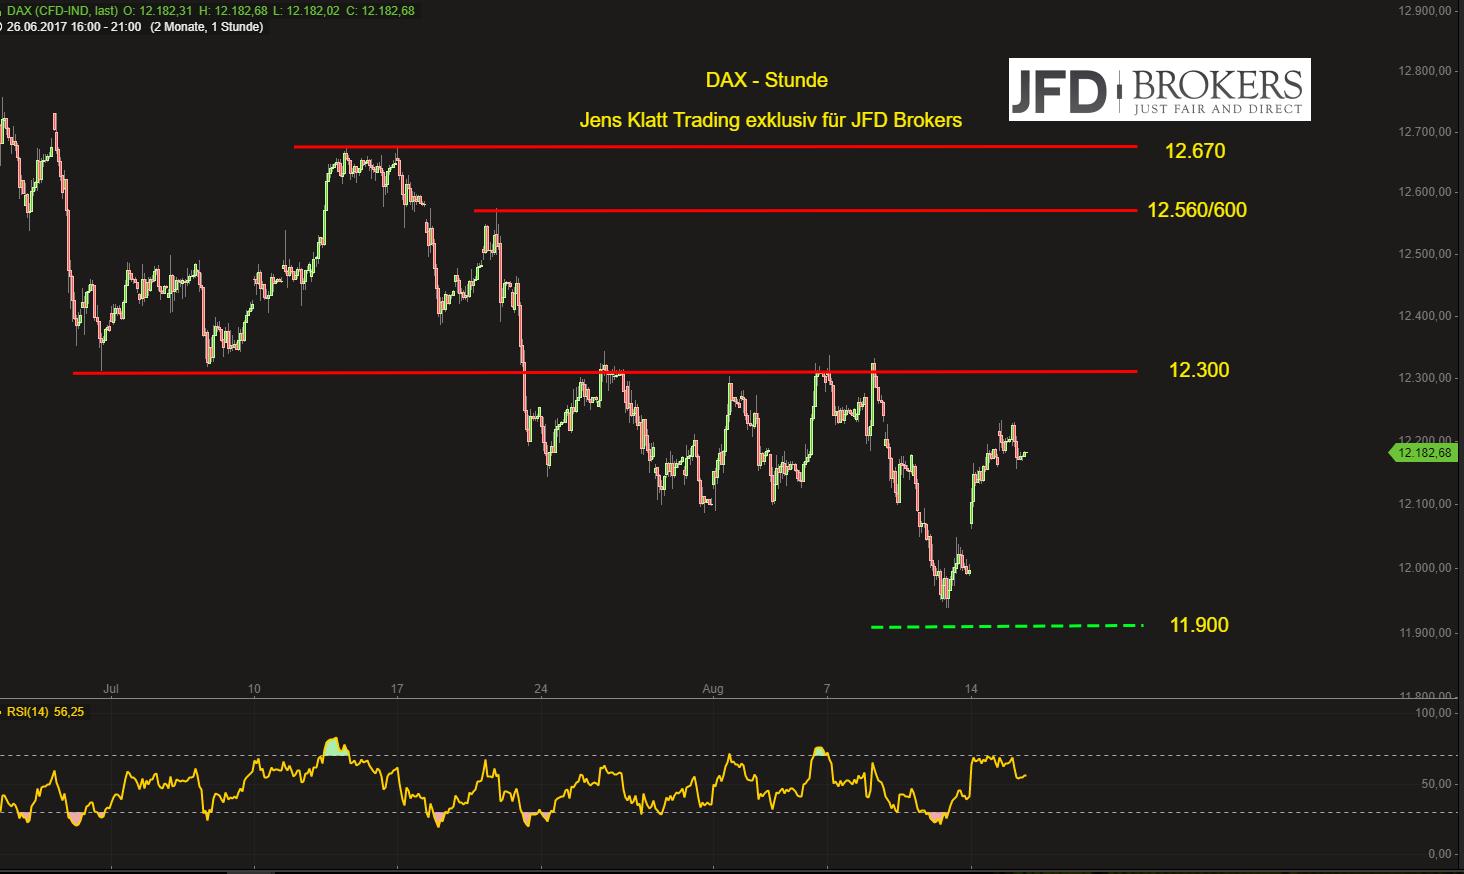 DAX-Attacke-auf-die-12-300-auch-am-Mittwoch-denkbar-Kommentar-JFD-Brokers-GodmodeTrader.de-2